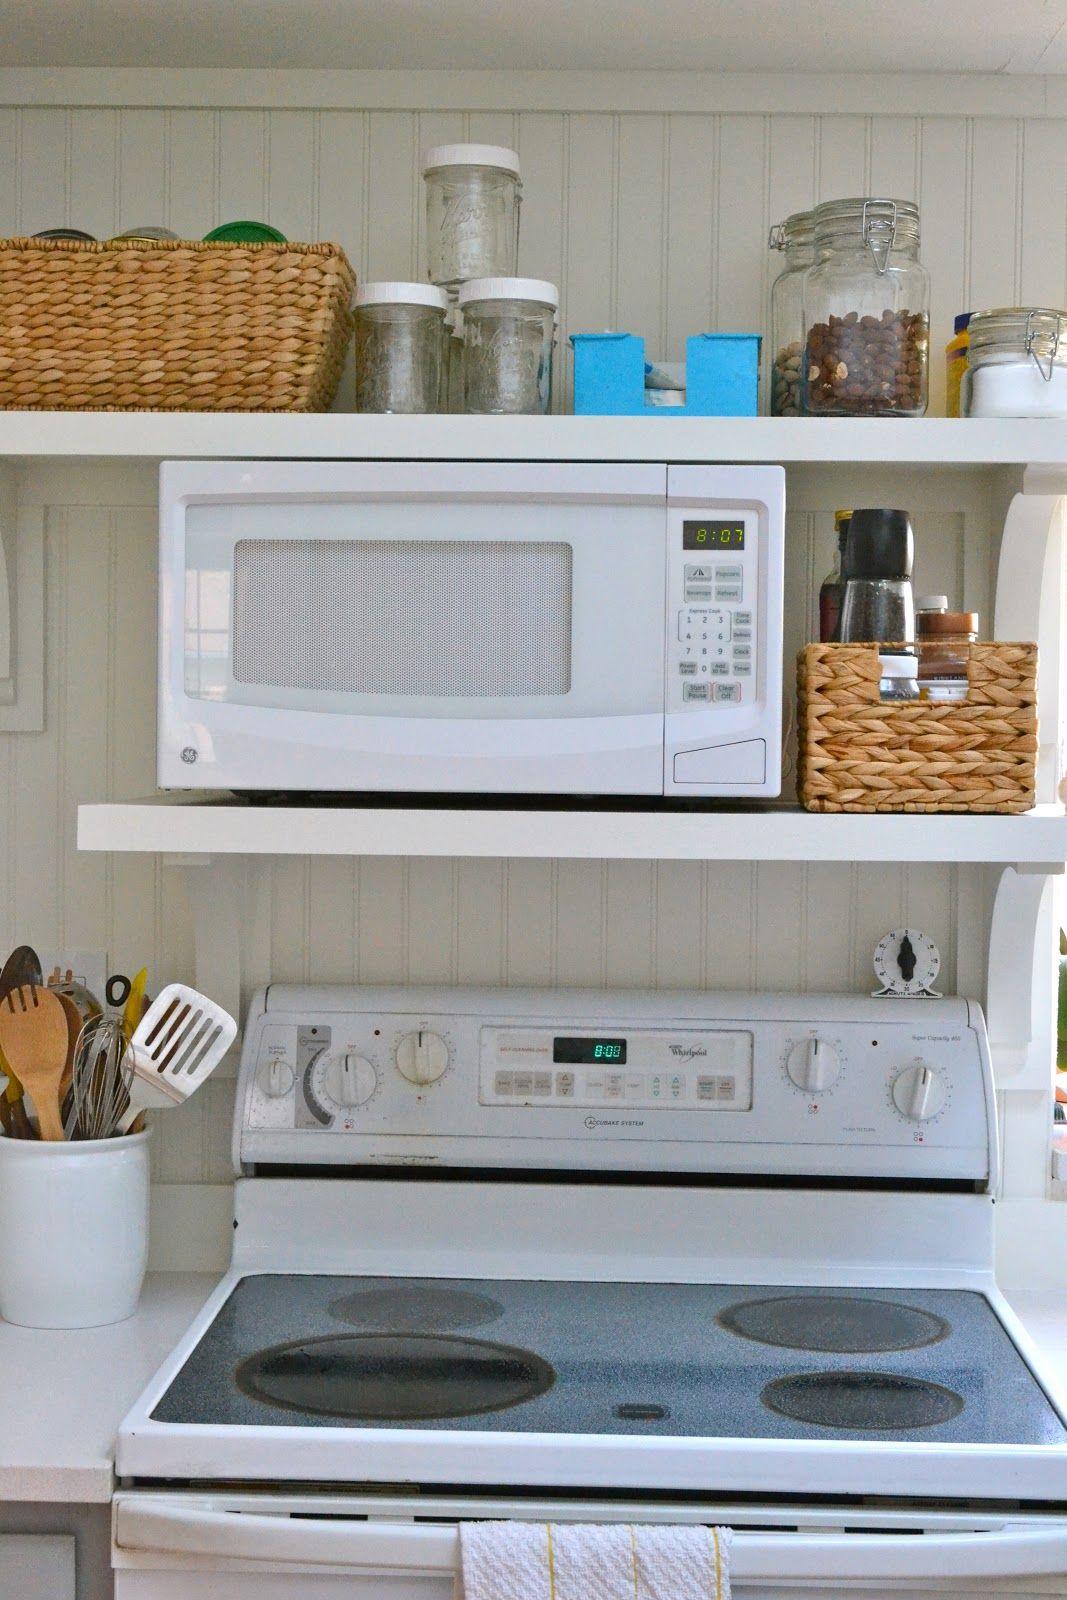 My New Kitchen Cocina Hermosa Cocinas Cocinas Pequenas